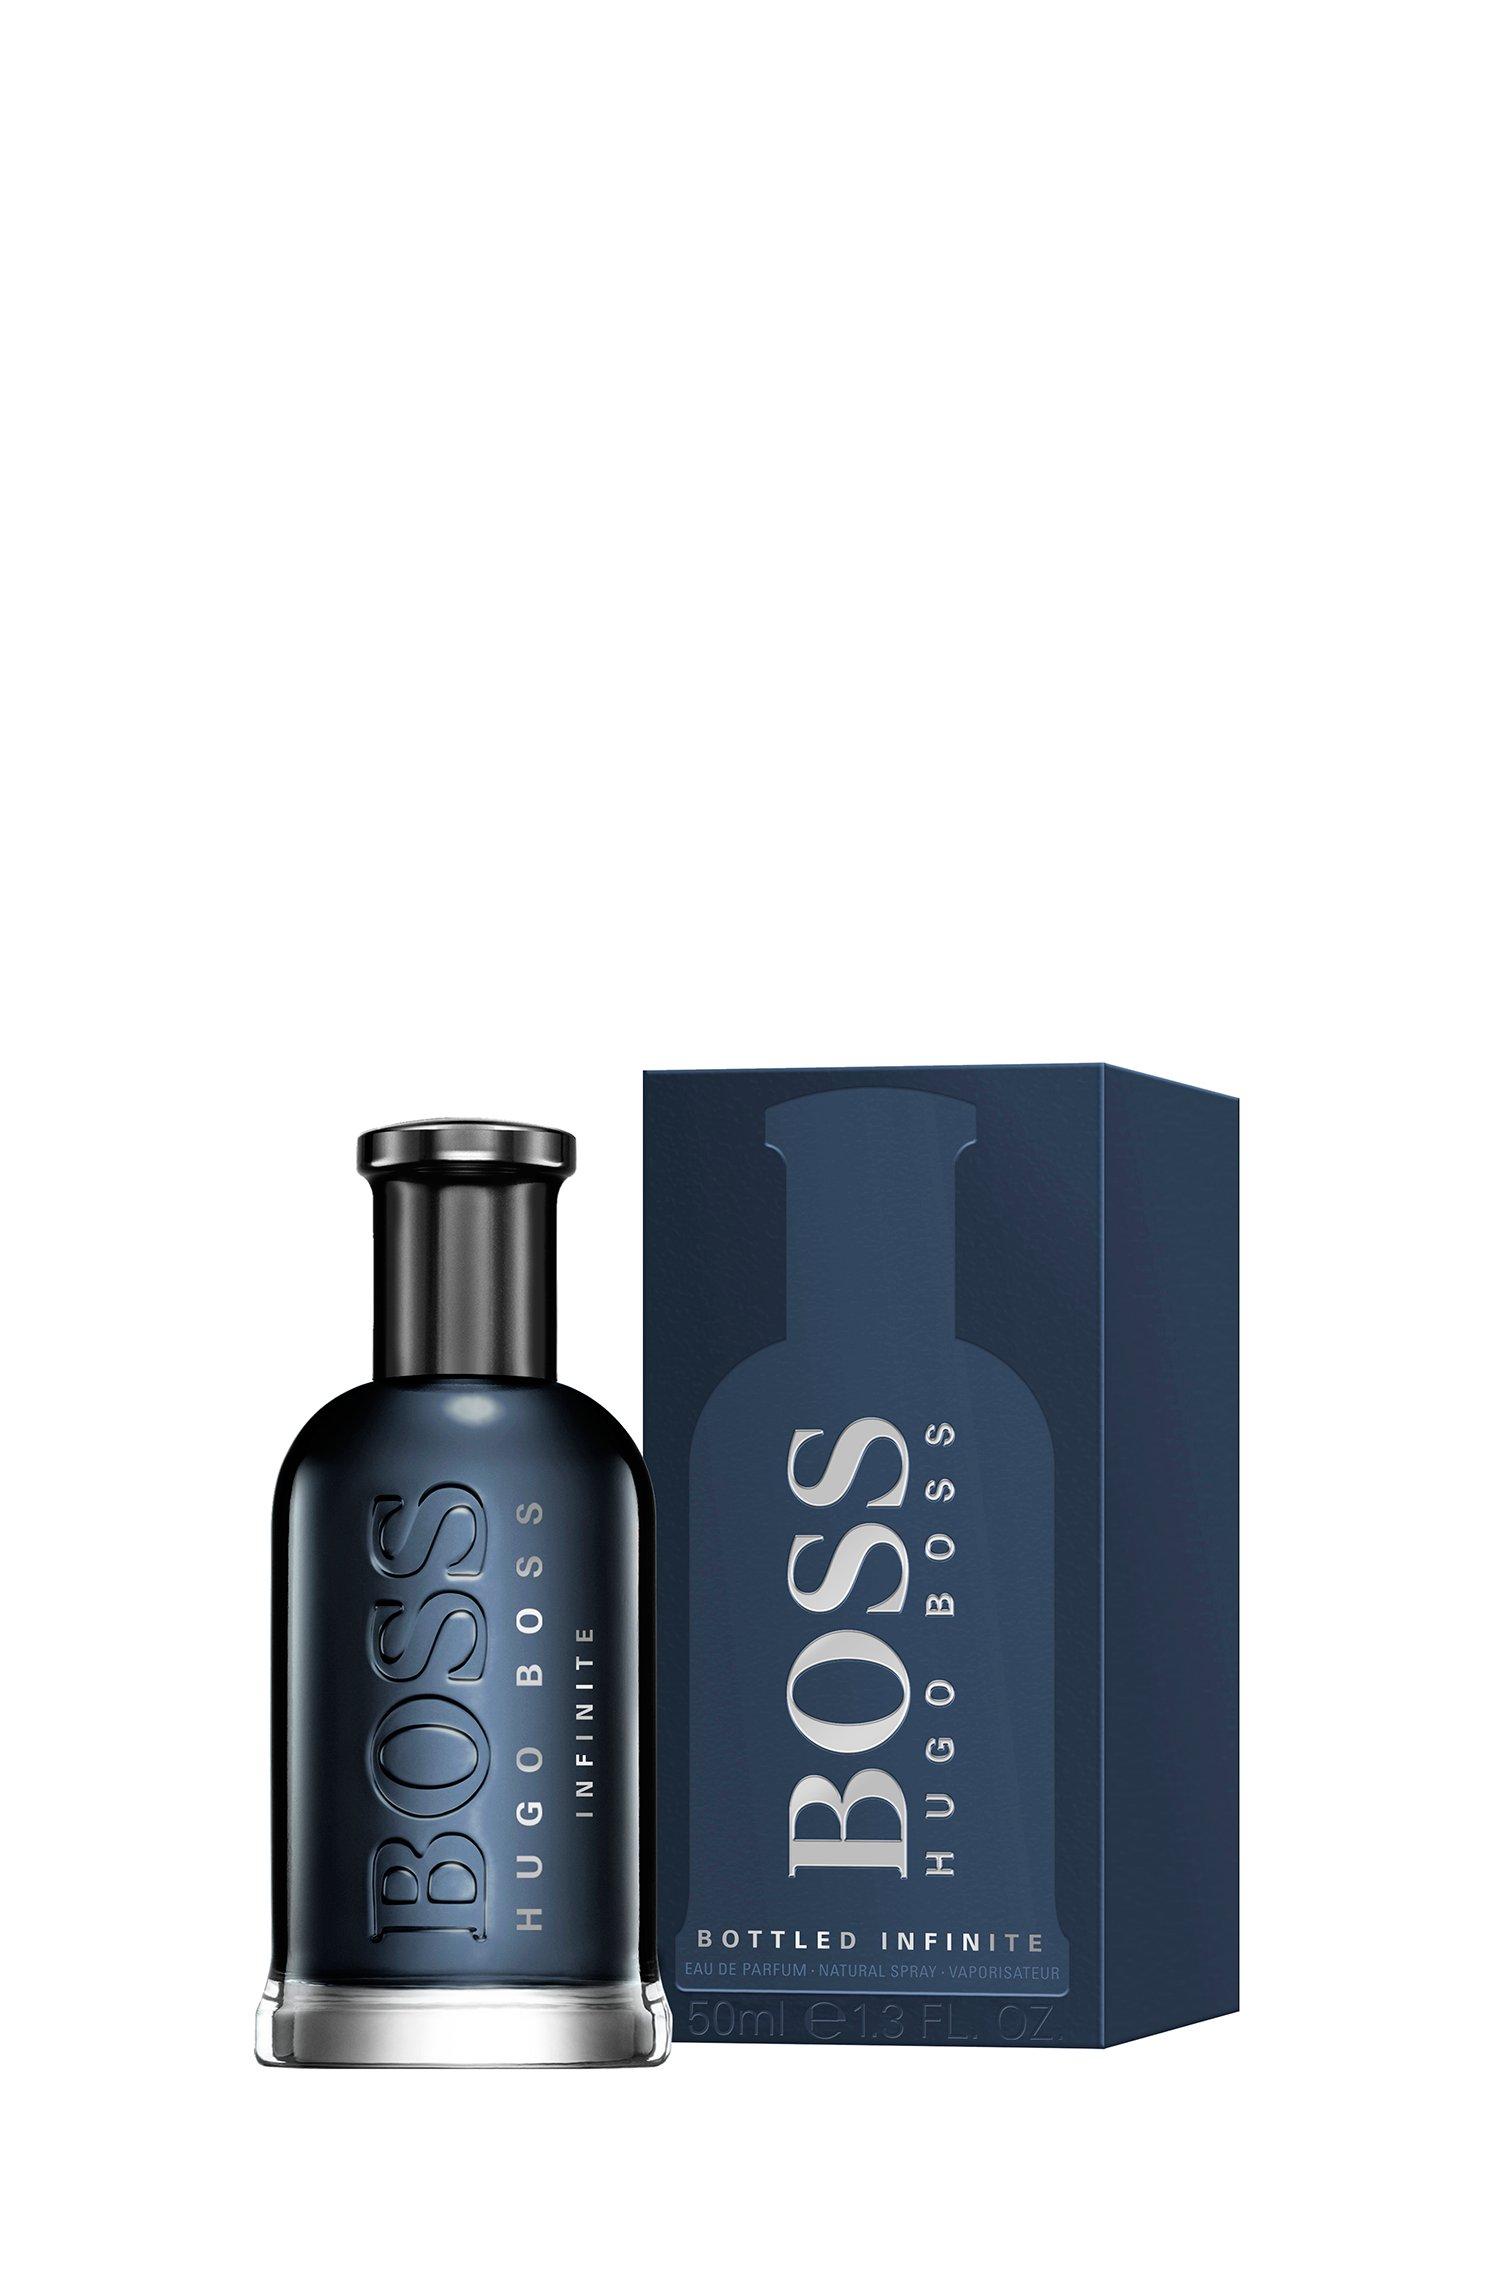 BOSS Bottled Infinite Eau de Parfum 50ml, Assorted-Pre-Pack